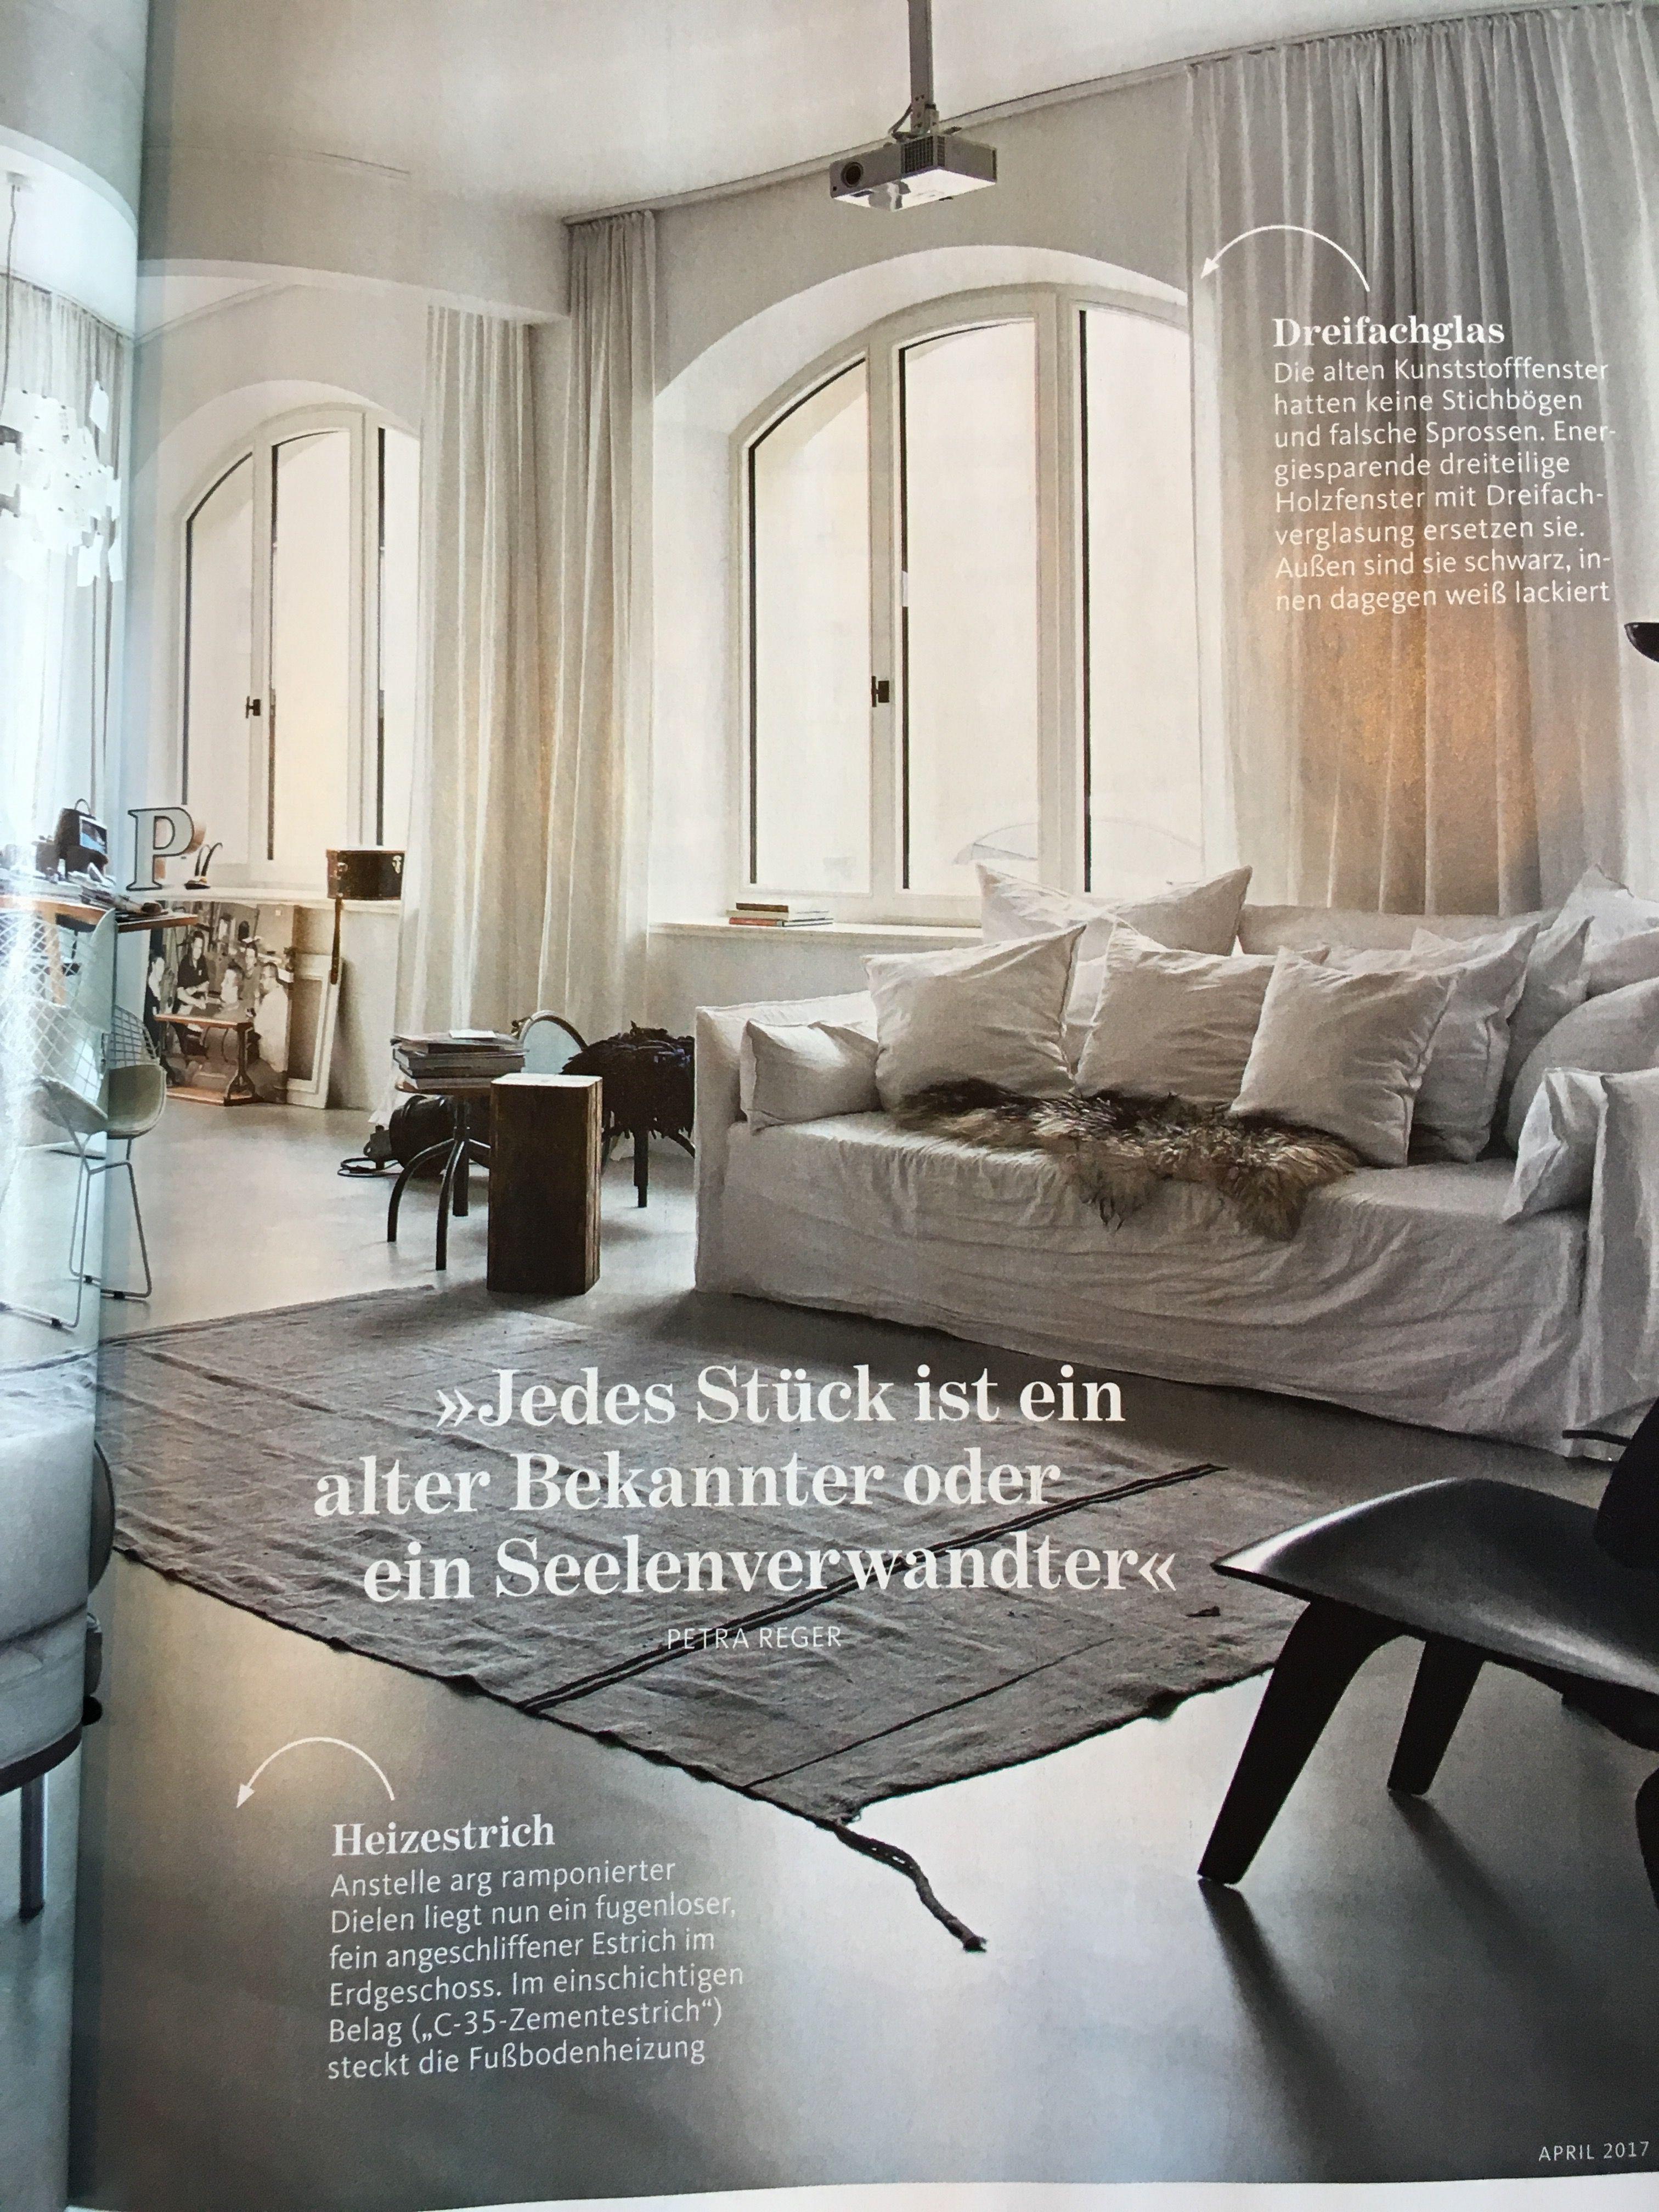 Estrich Heizestrich Boden alte Schreinerei schöner Wohnen ...